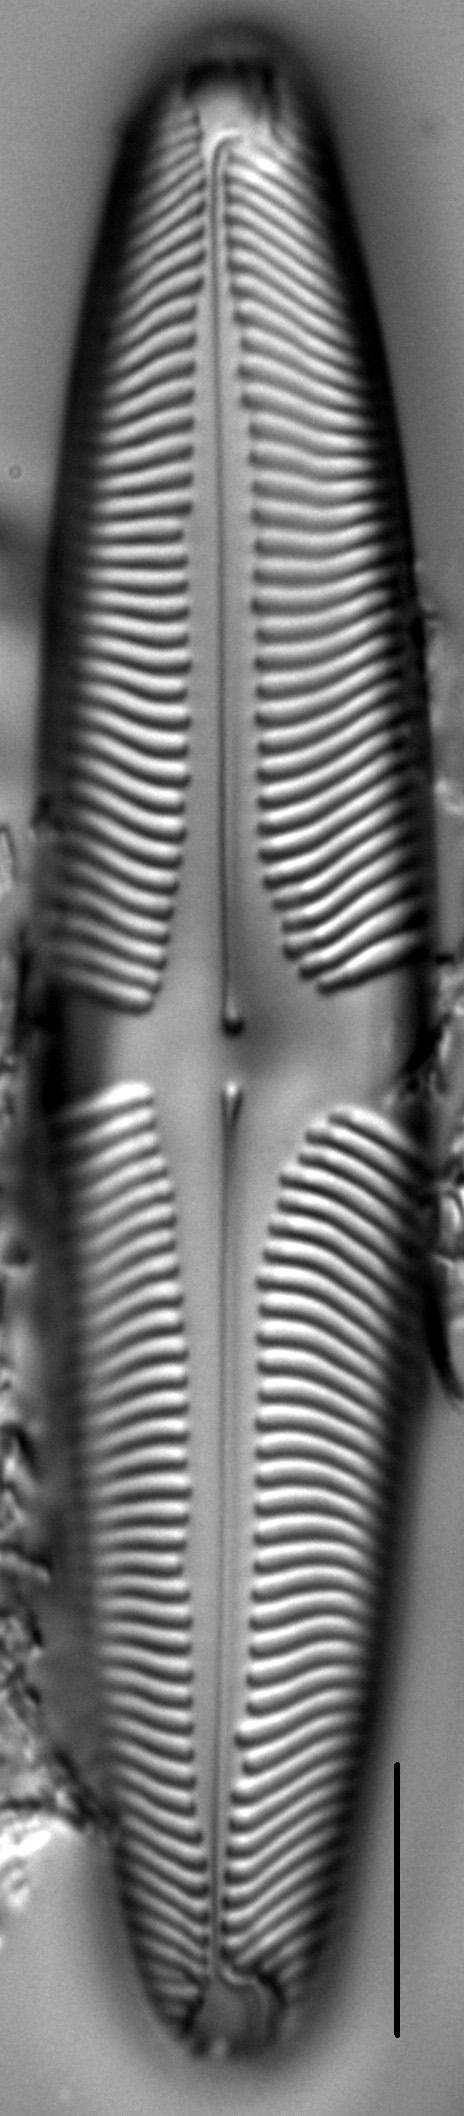 Pinnularia suchlandtii LM1